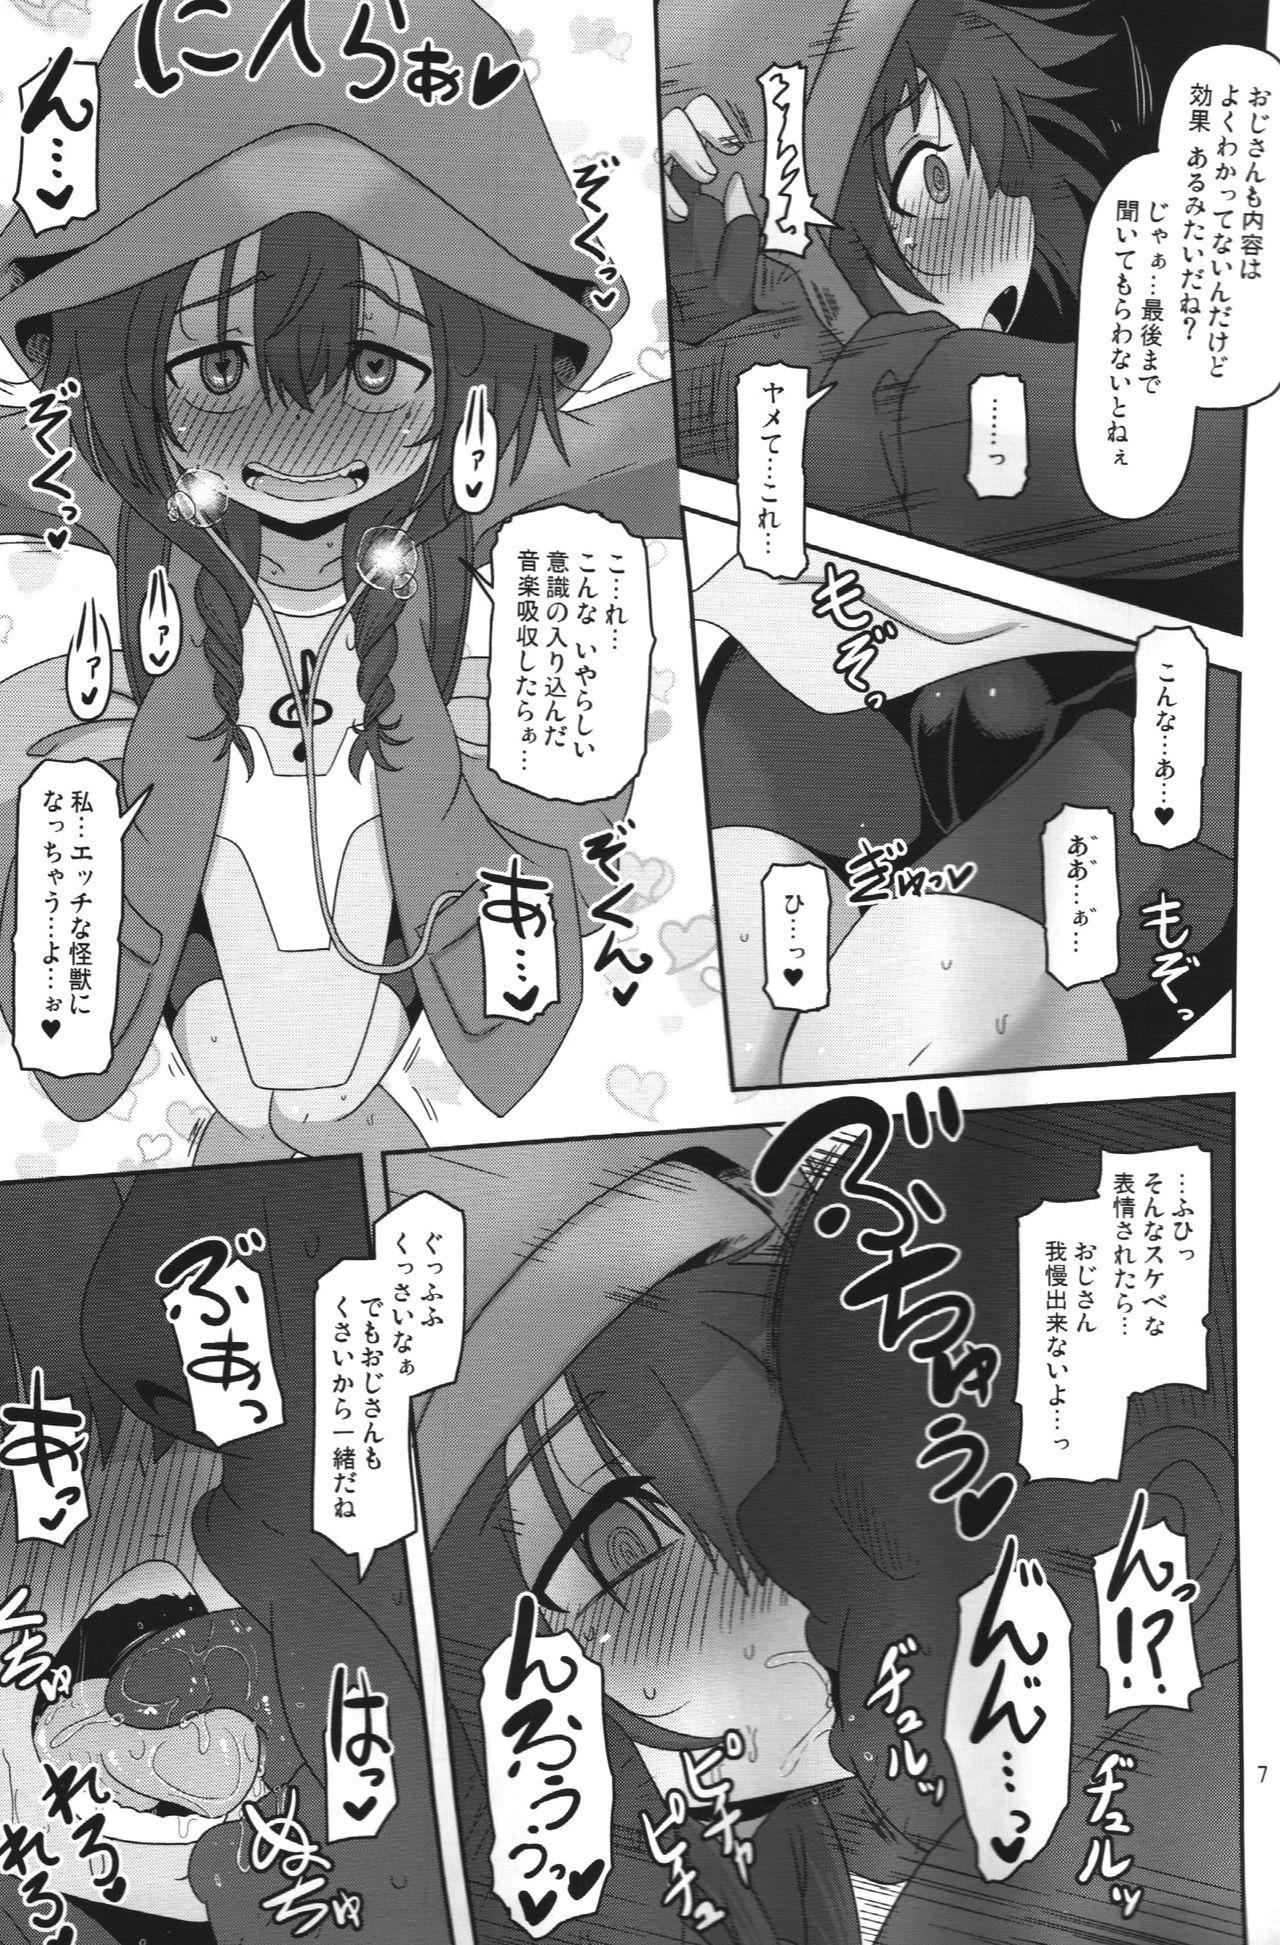 Bokura no Machi no Furou Shoujo 5